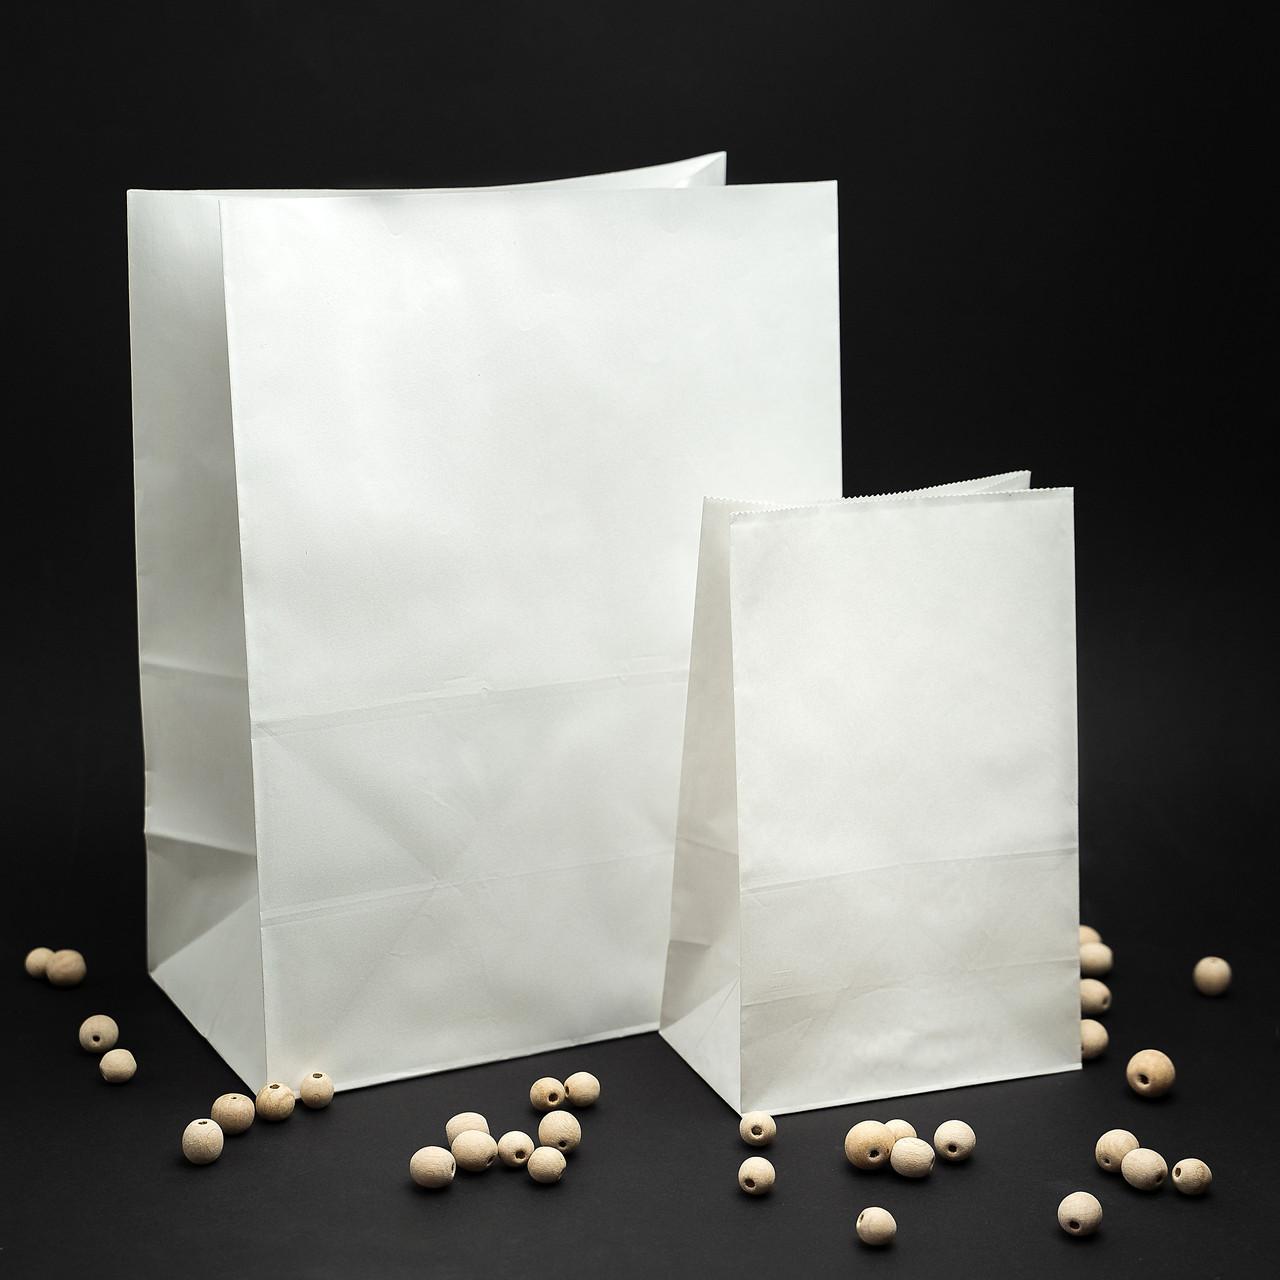 Пакет бумажный белый 150*90*240 мм с плоским дном, упаковка 500 штук